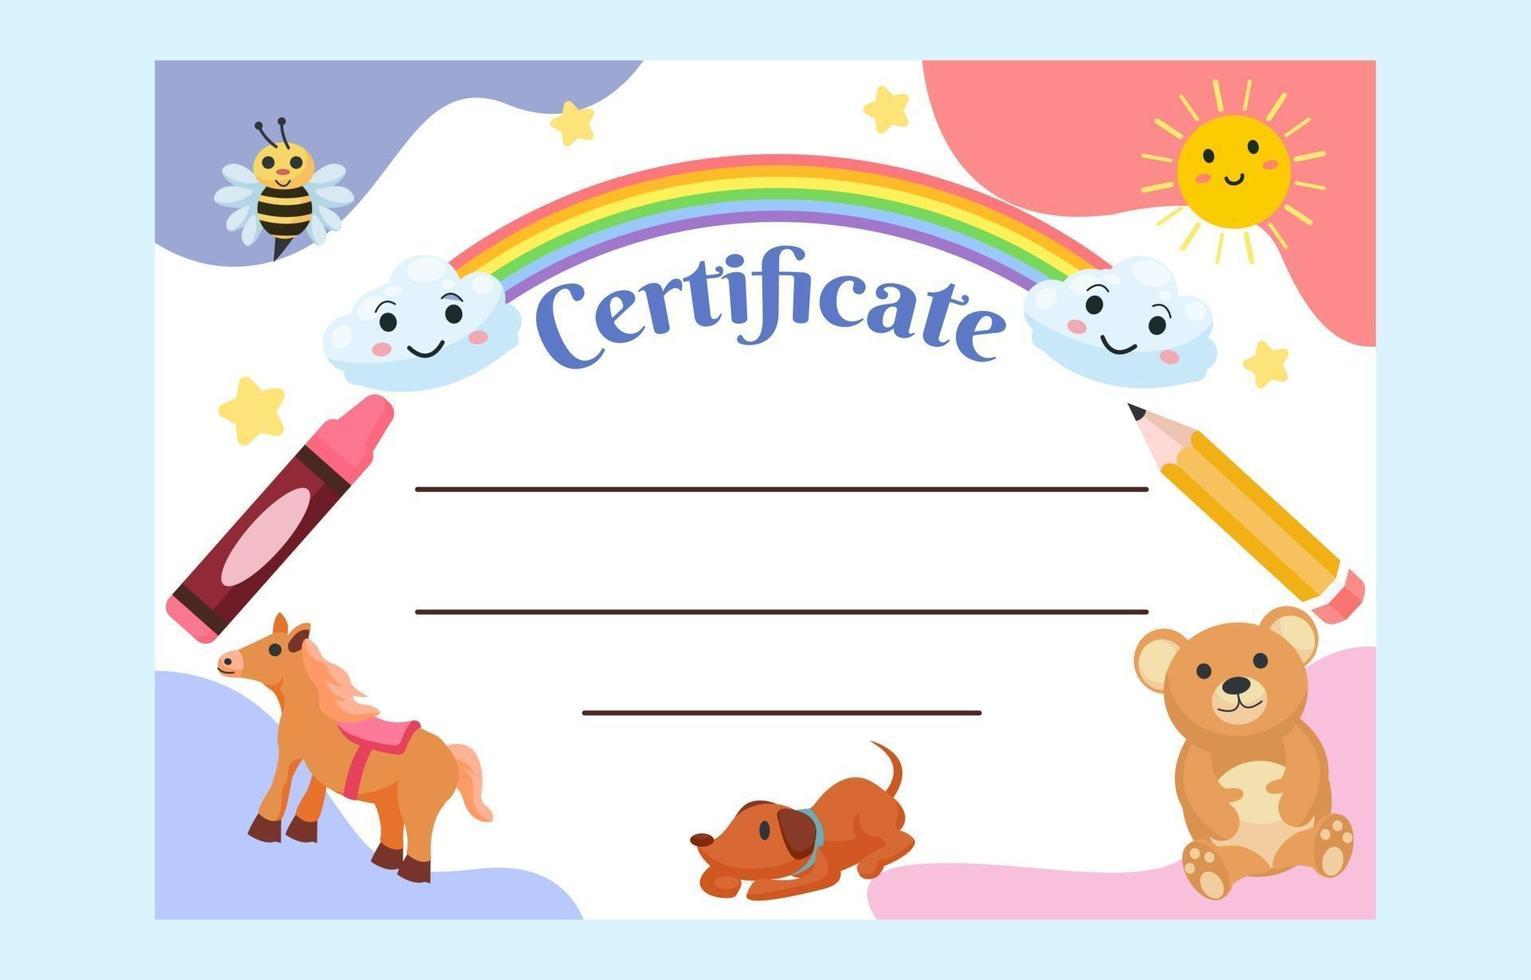 plantilla de certificado para niños con personajes lindos vector